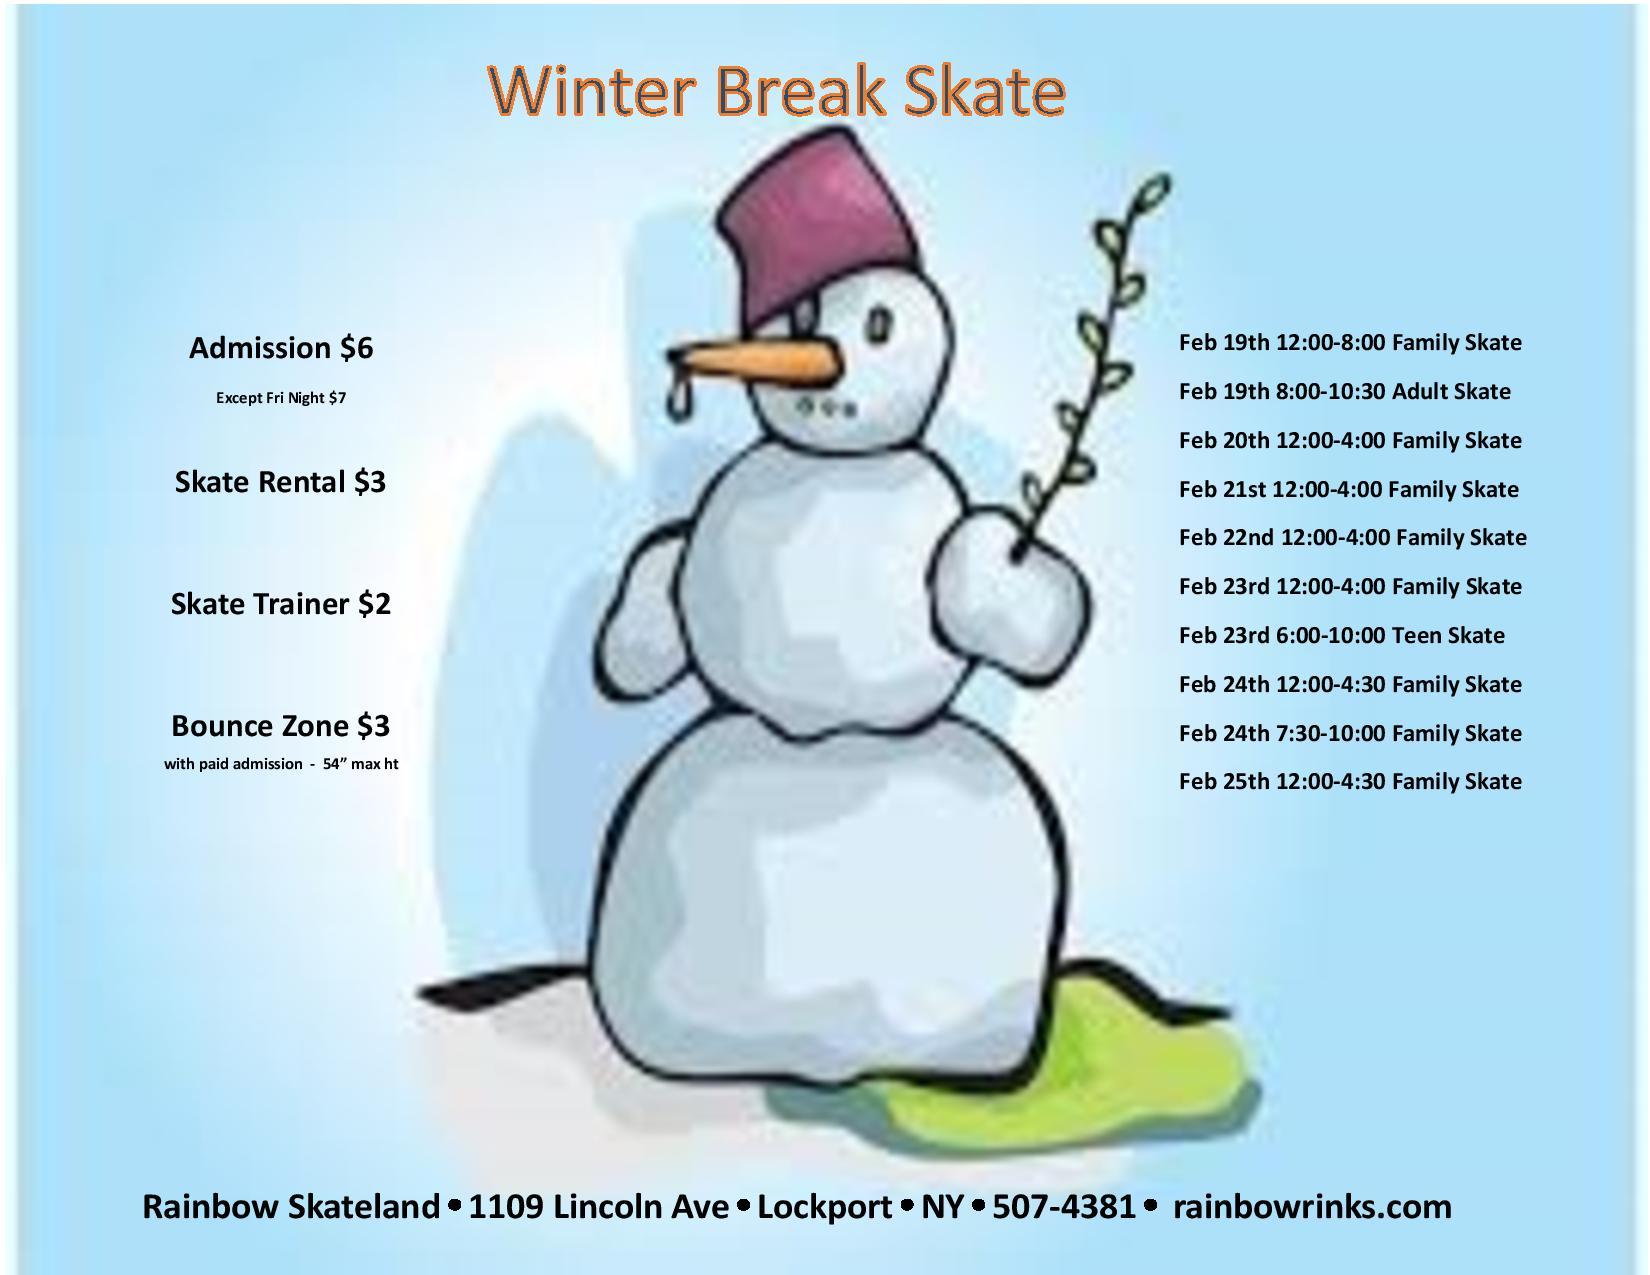 Winter Break Skate - Rainbow Skateland